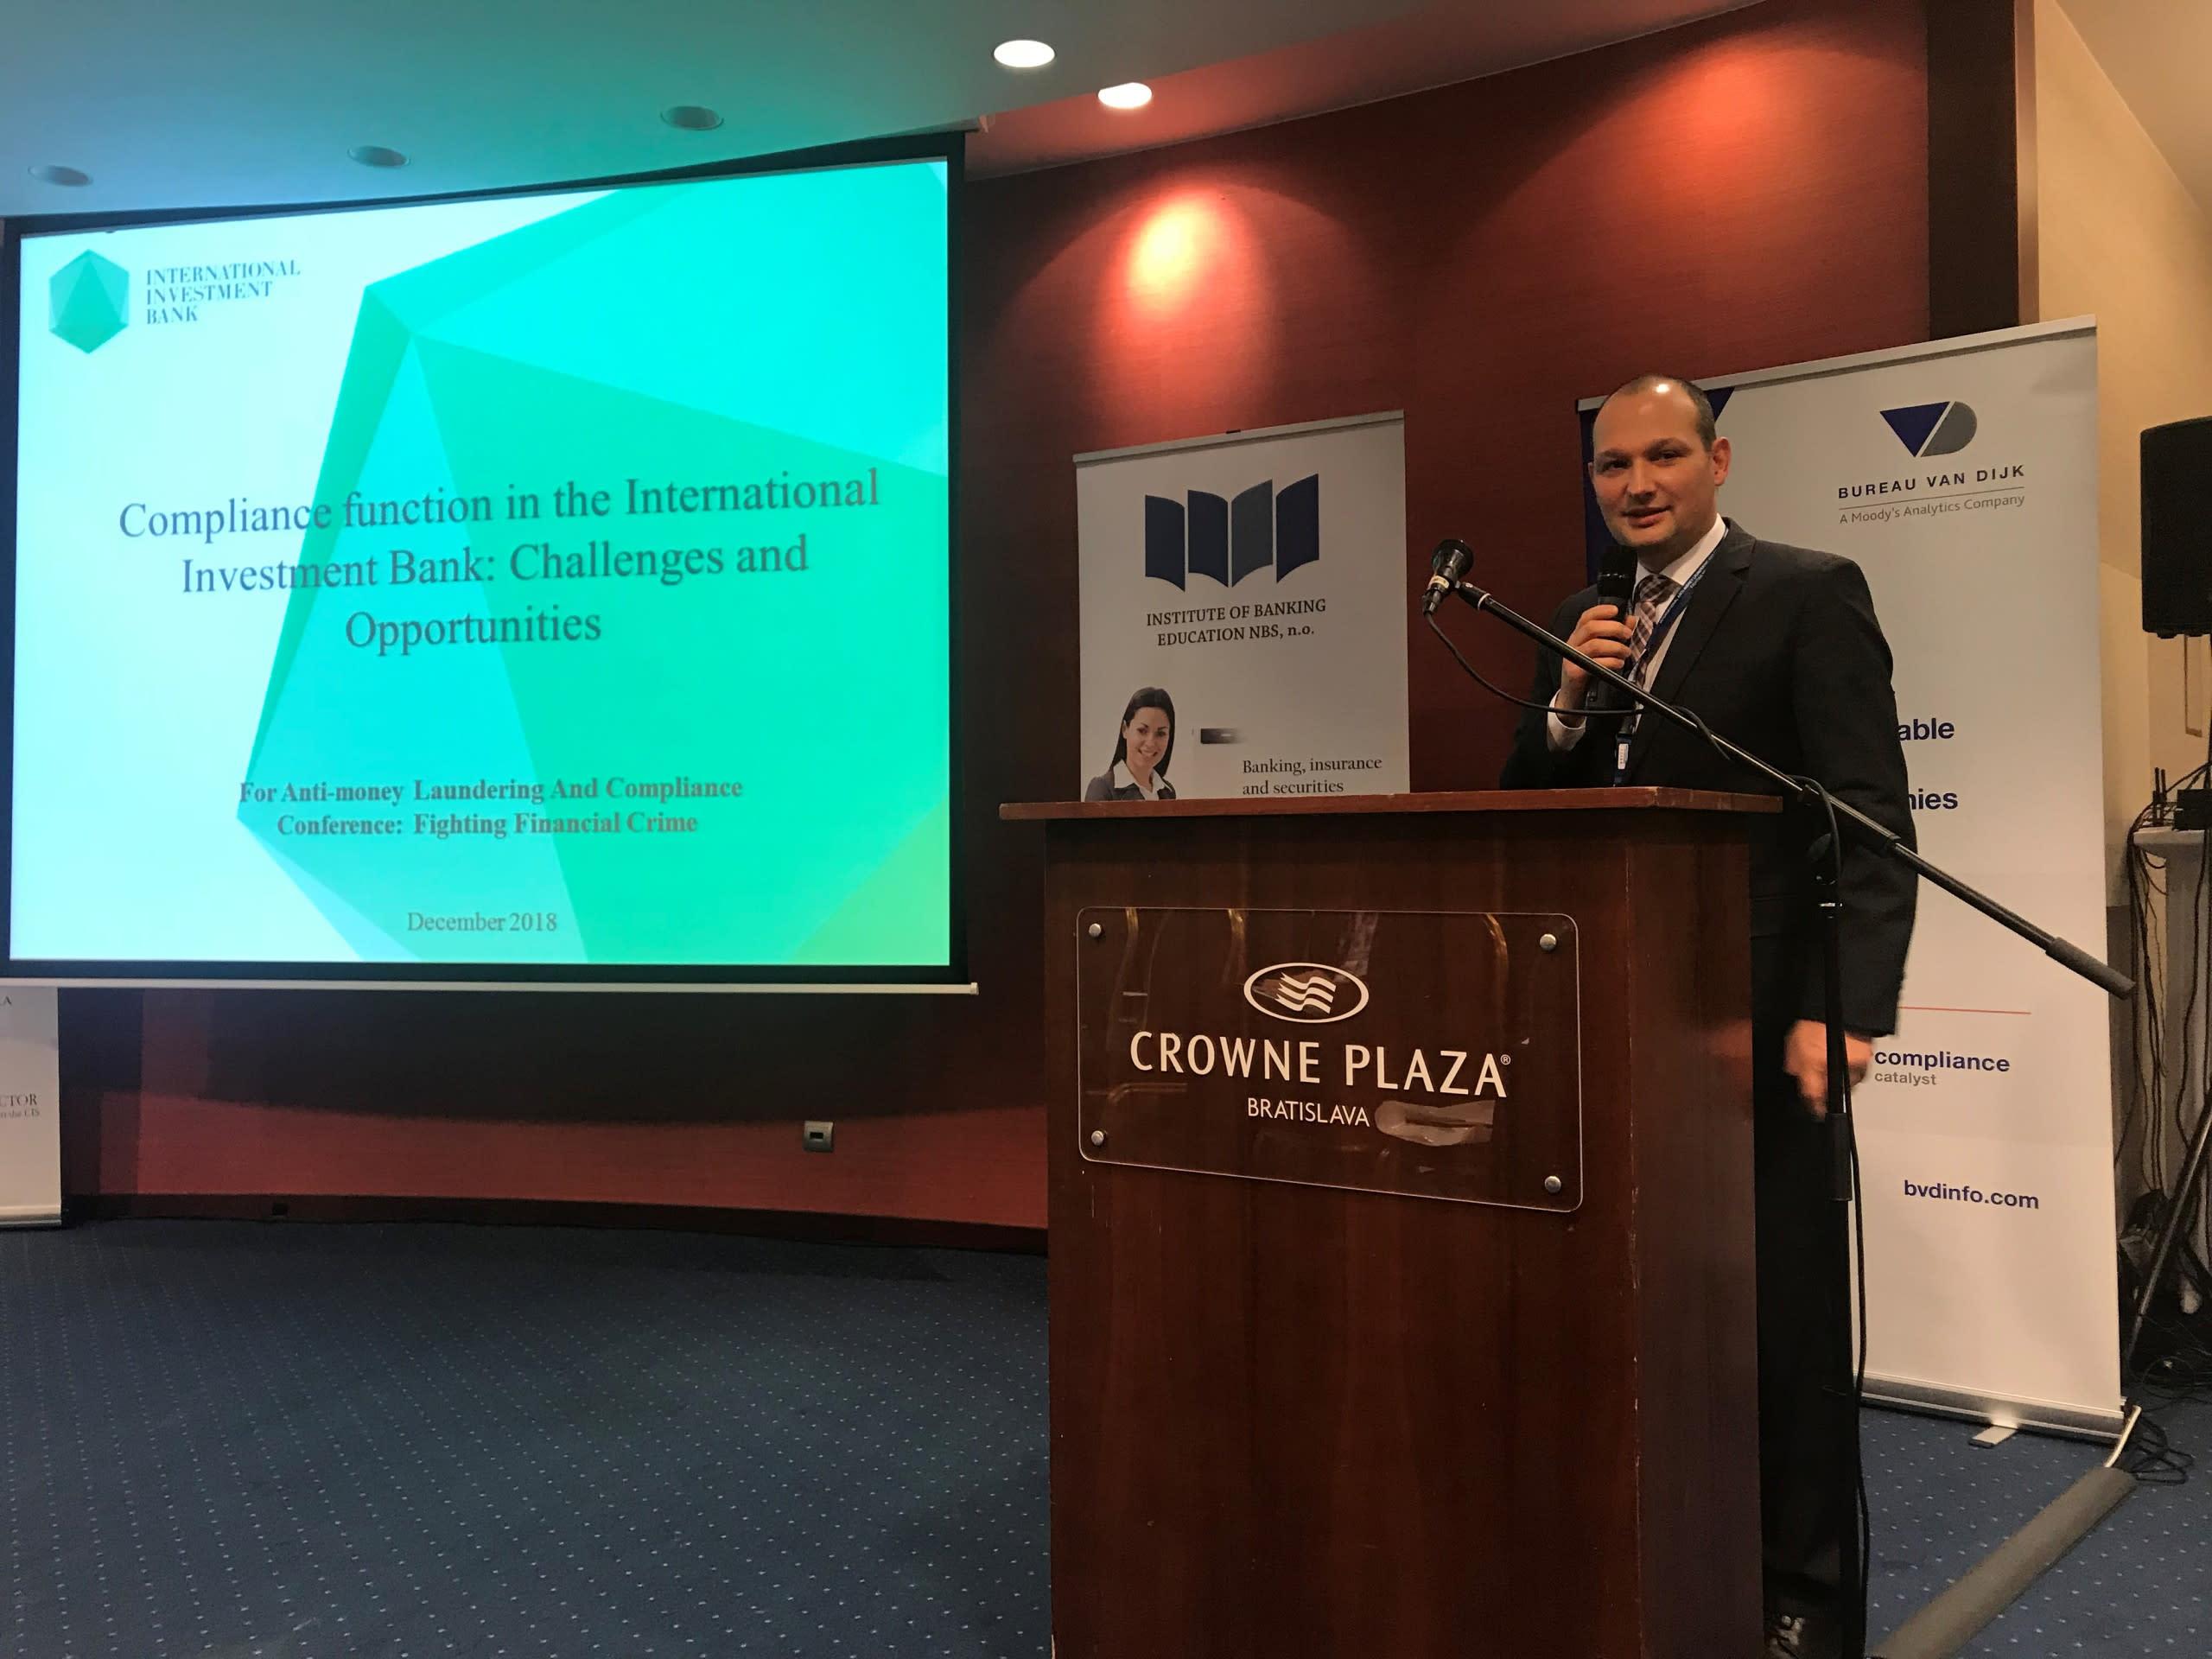 МИБ расширяет международное сотрудничество: банк принял участие в ежегодной конференции BACEE по комплаенсу и противодействию отмыванию преступных доходов